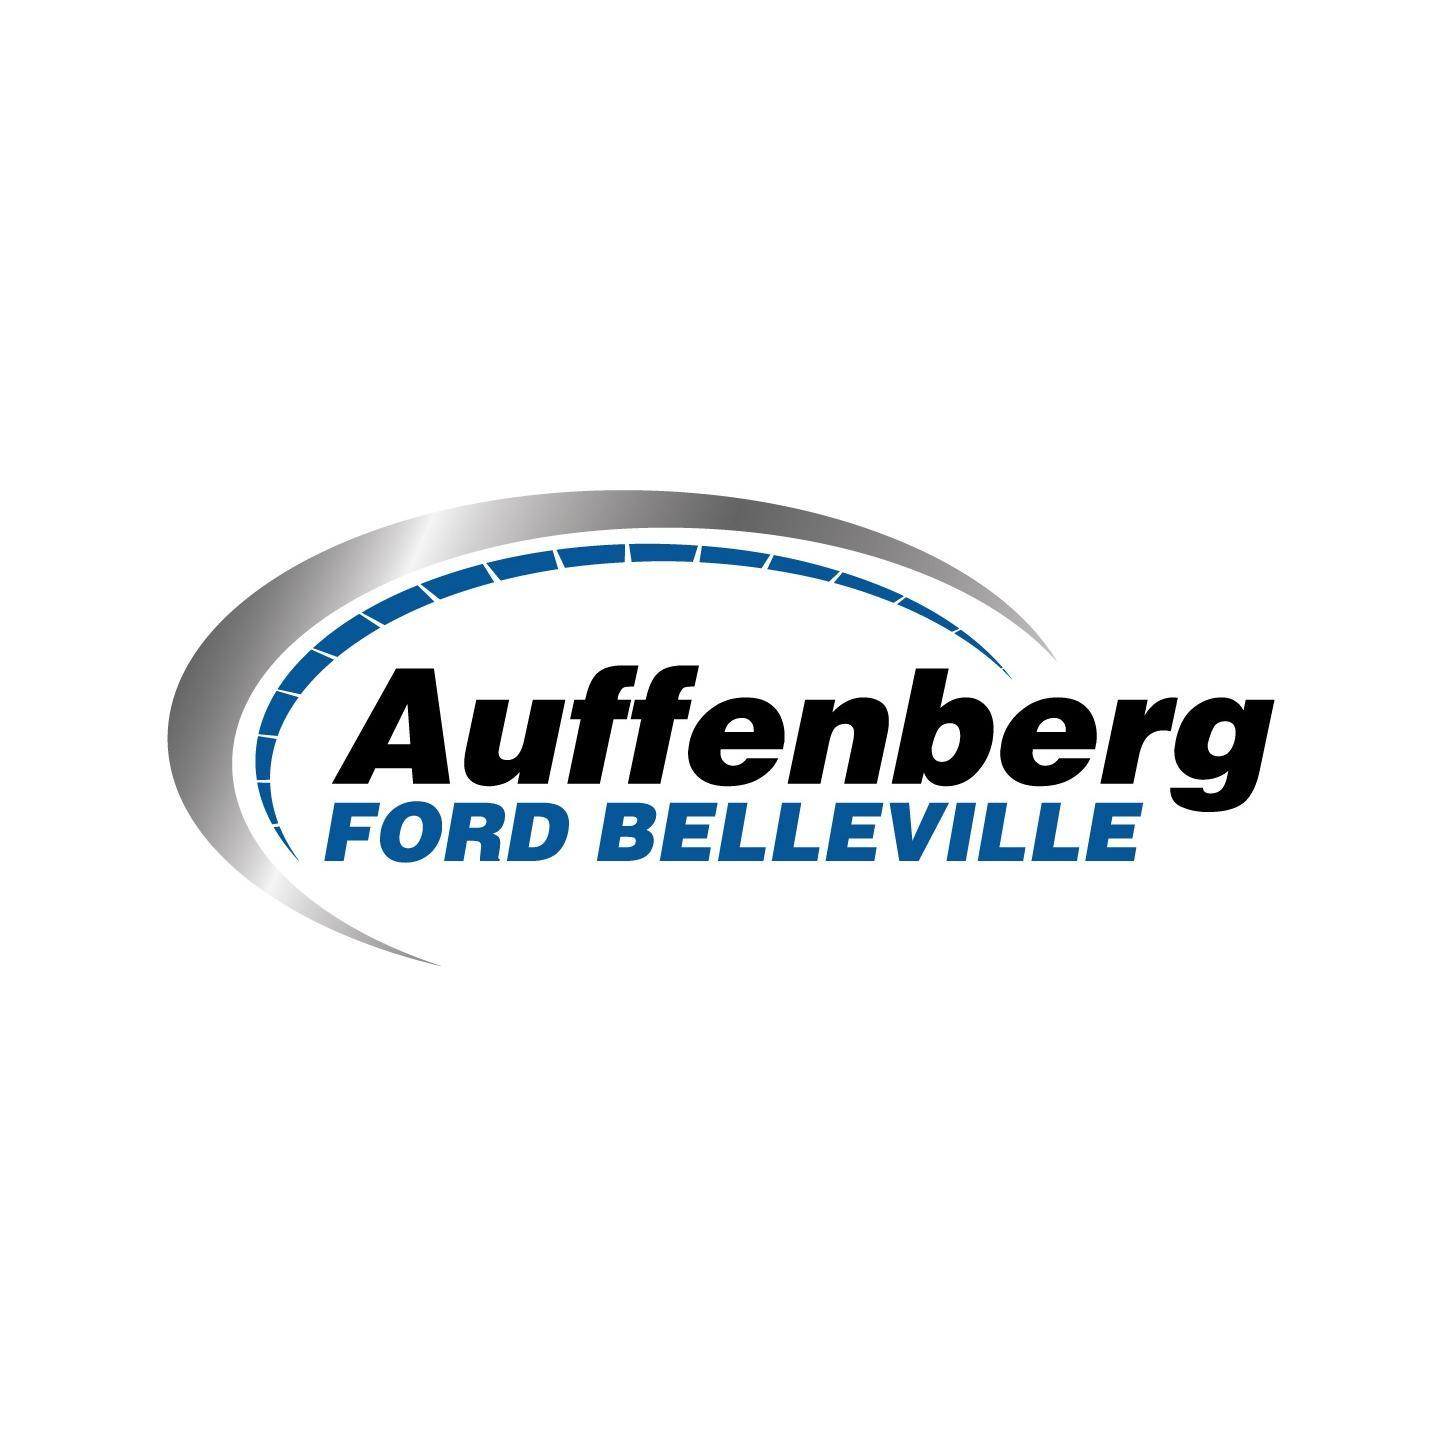 Auffenberg Ford Belleville